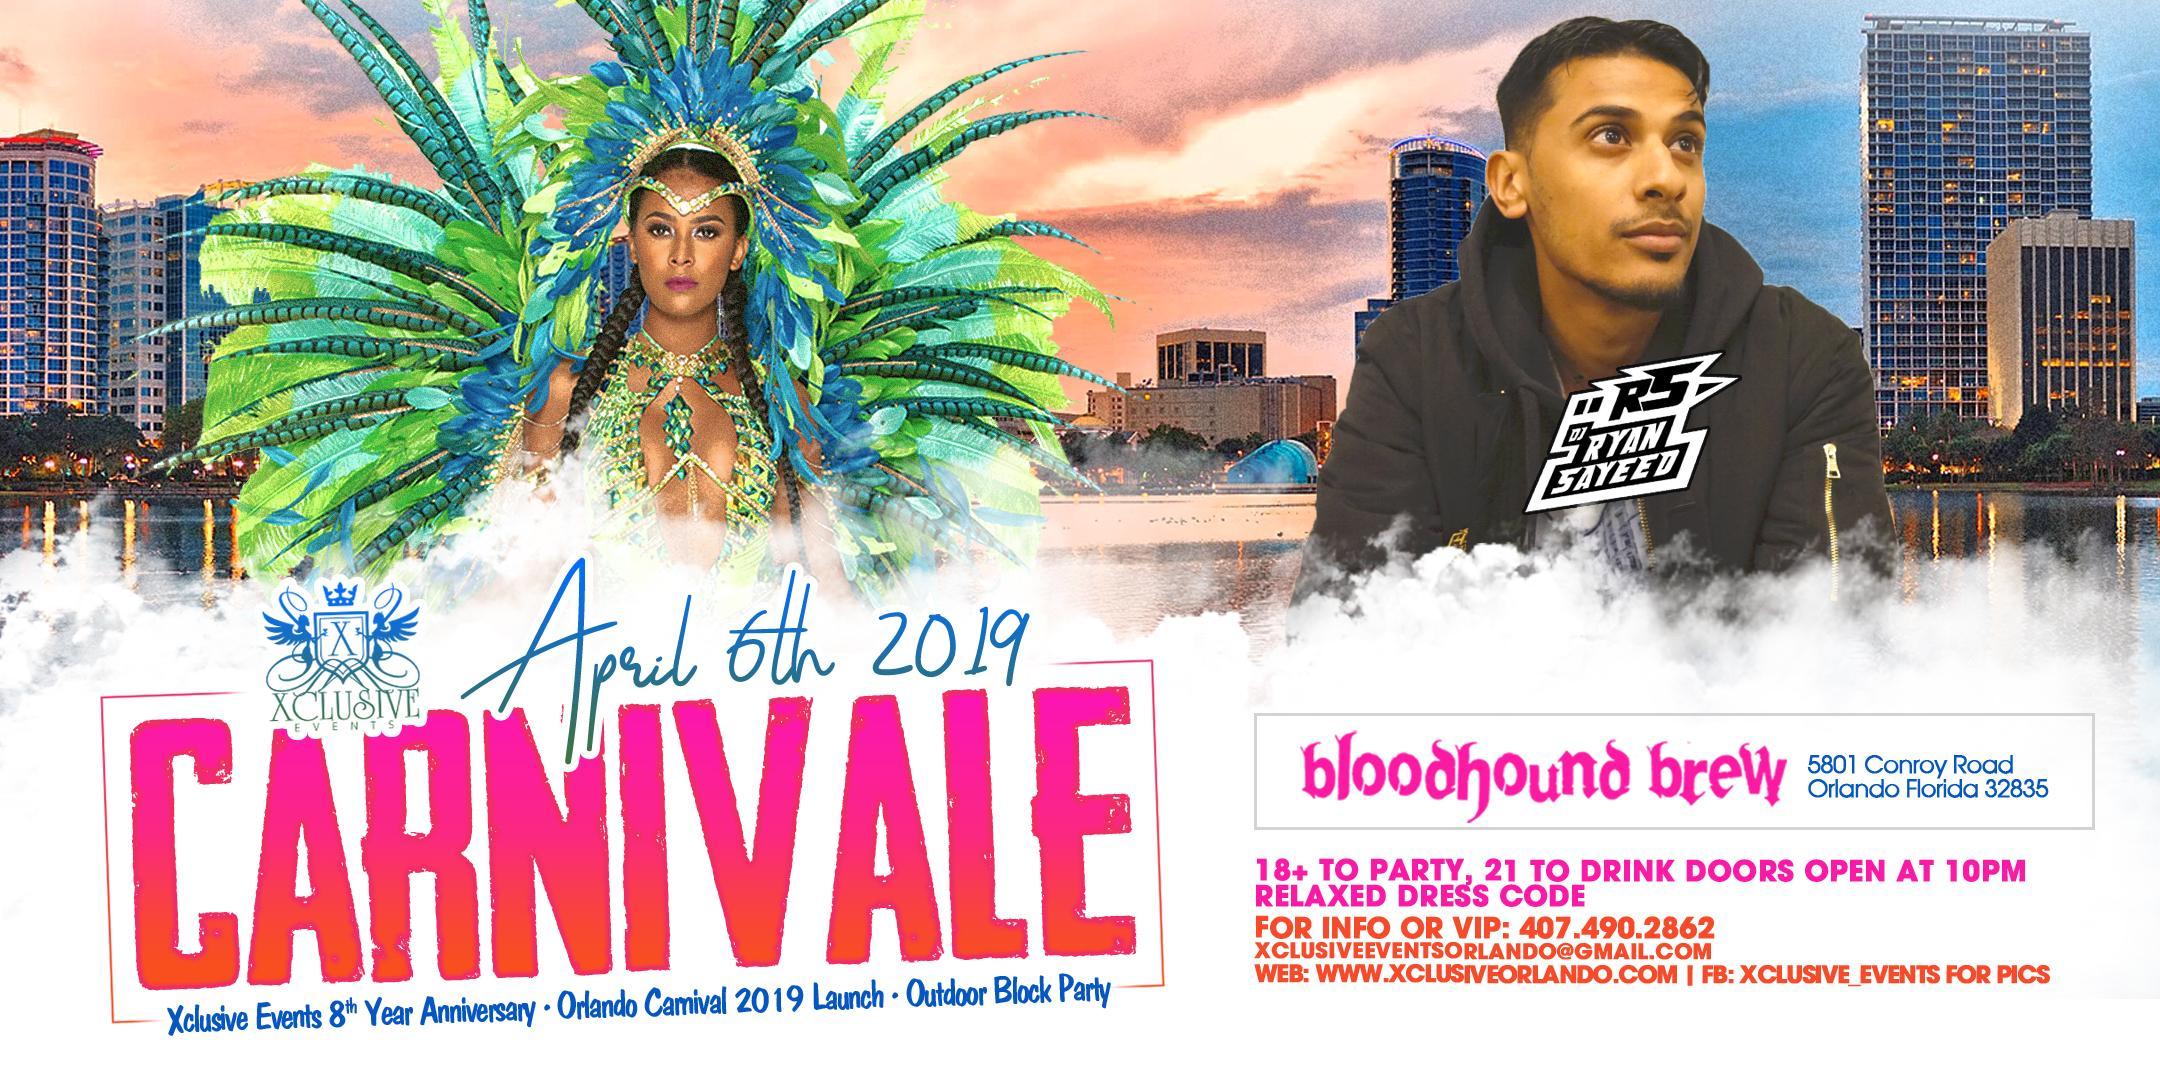 Carnivale 2019 Ft. Ryan Sayeed (Miami)